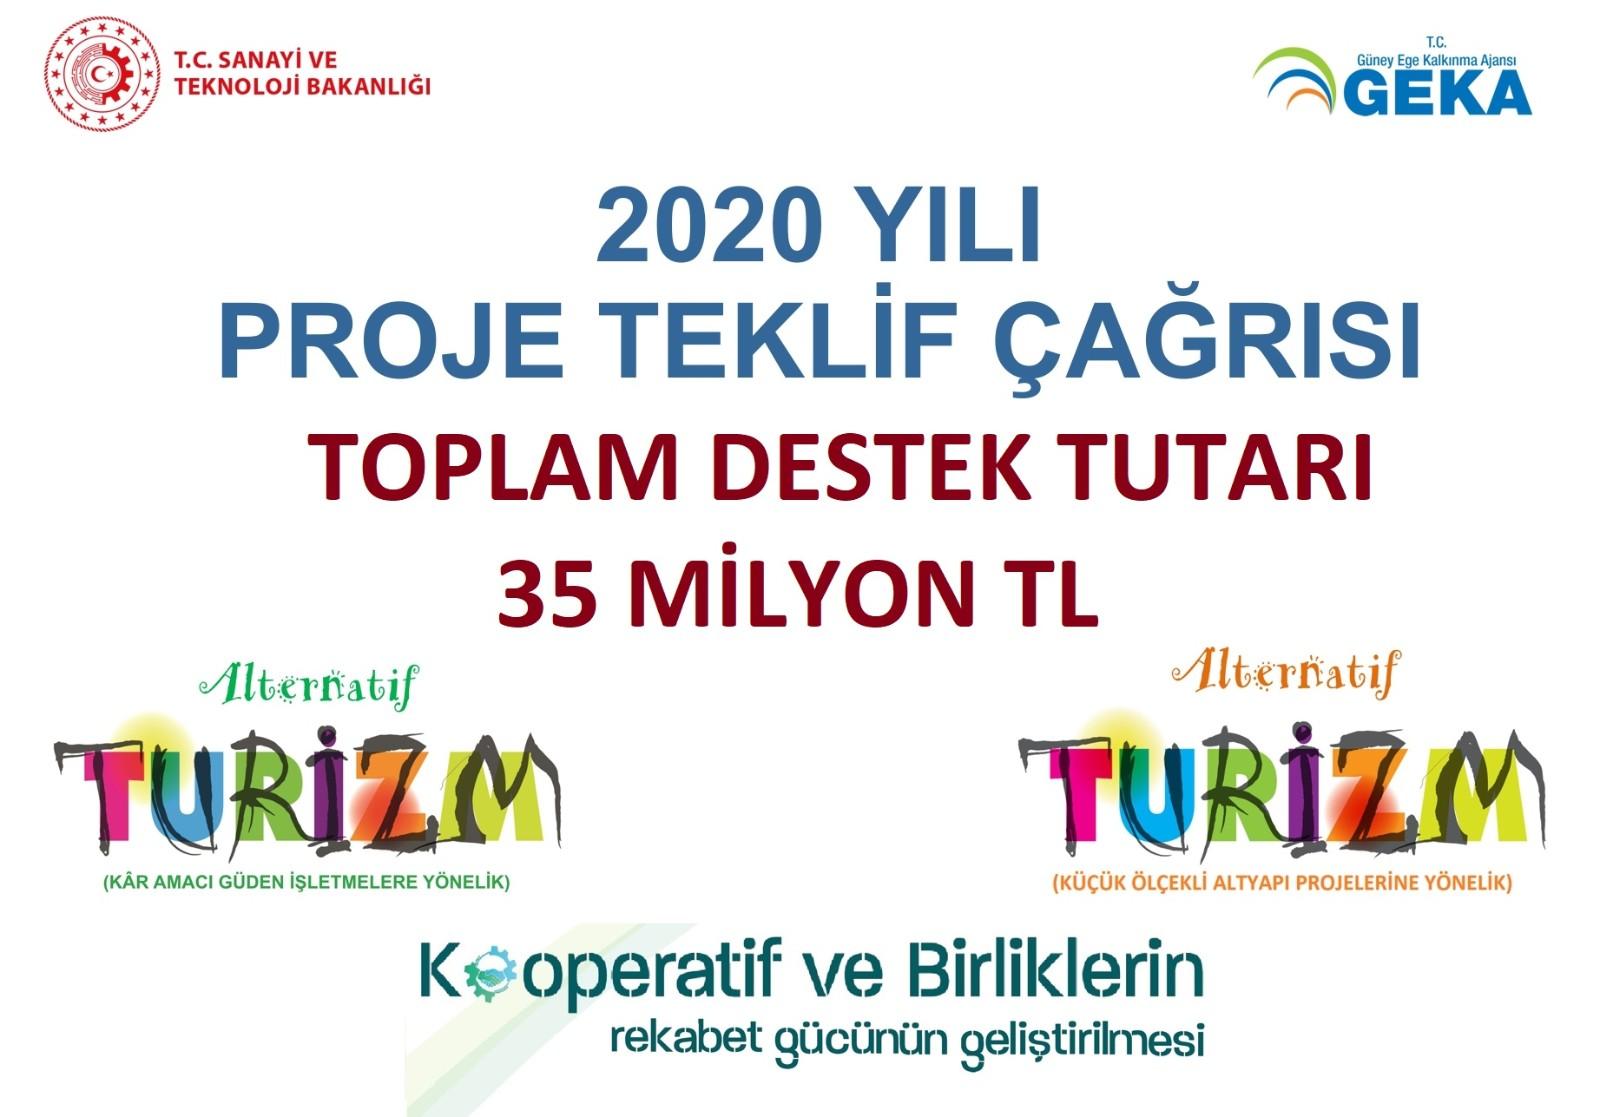 2020 Yılı Proje Teklif Çağrısı toplam 35 Milyon TL bütçe ile ilan edilmiştir